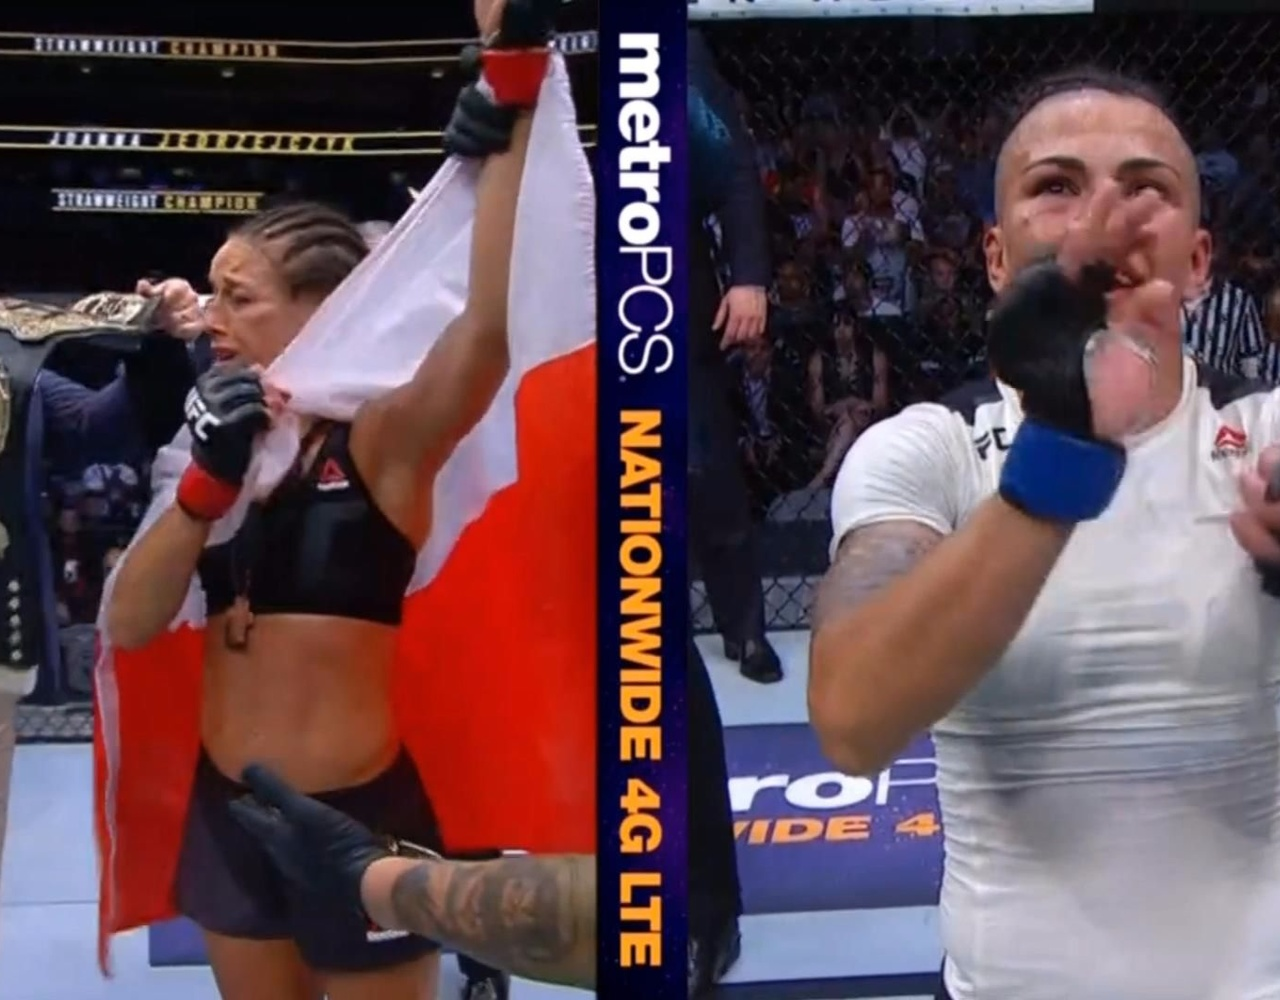 【速报】UFC 211落幕 乔安娜无愧女子世界第一!